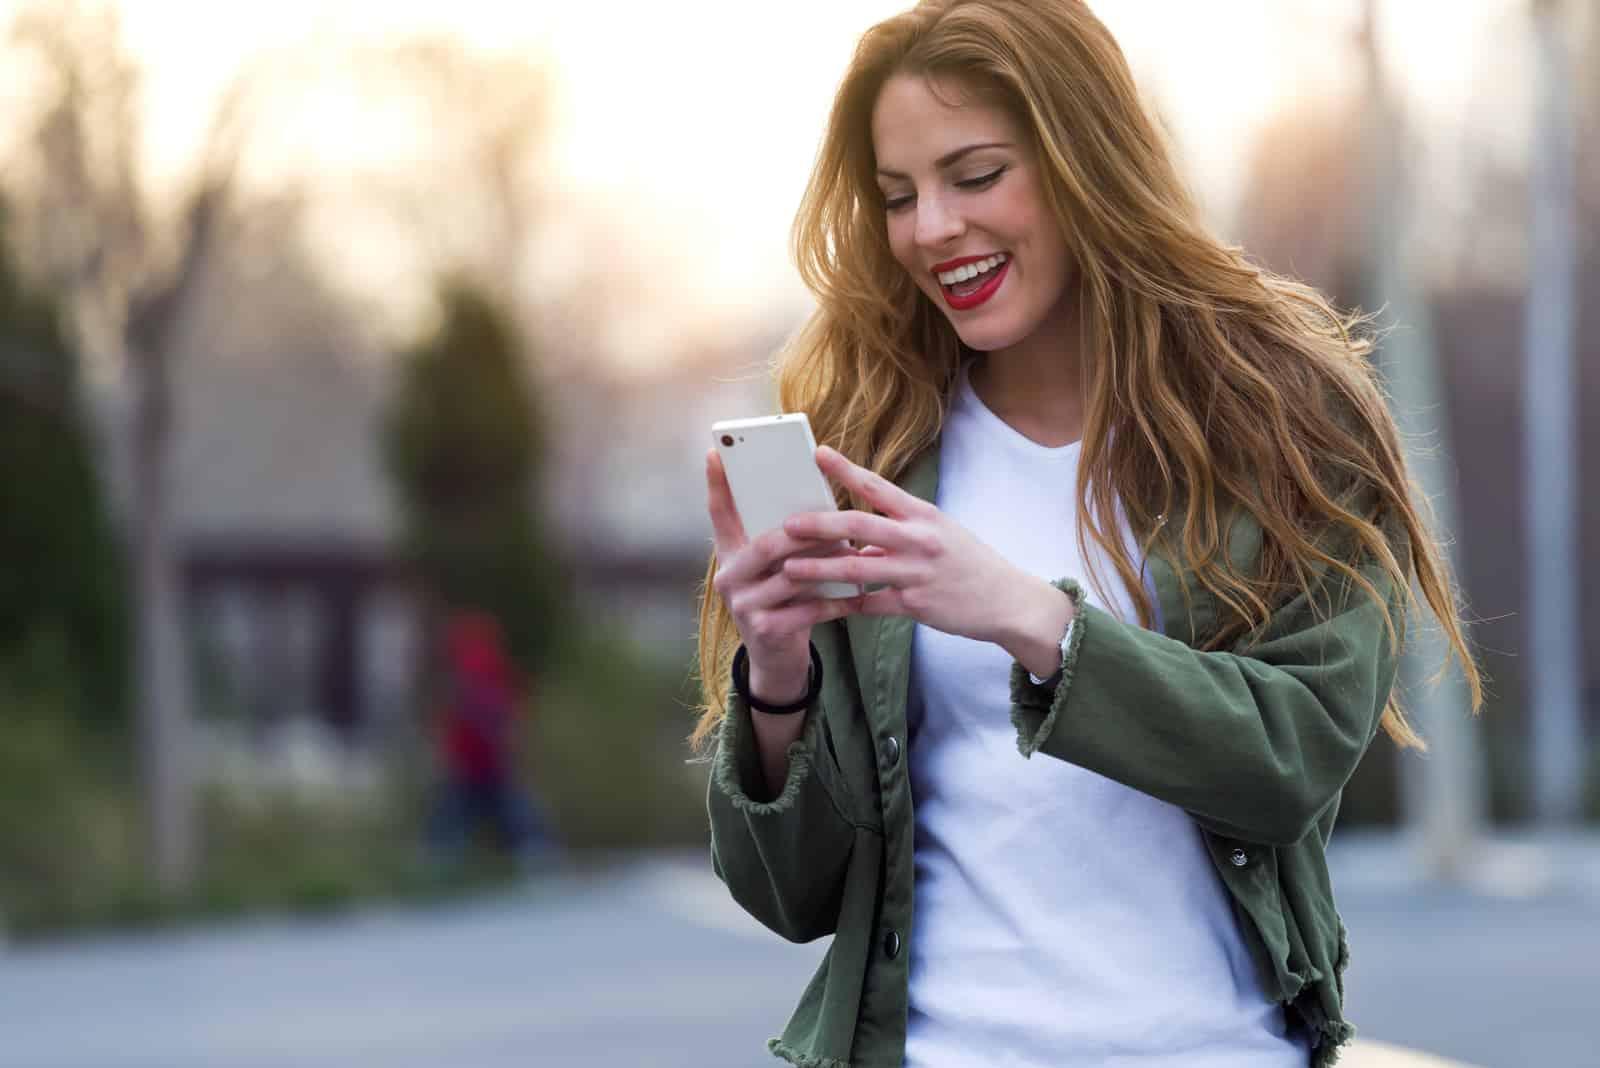 une femme souriante aux longs cheveux bruns se tient dans la rue tenant un téléphone à la main